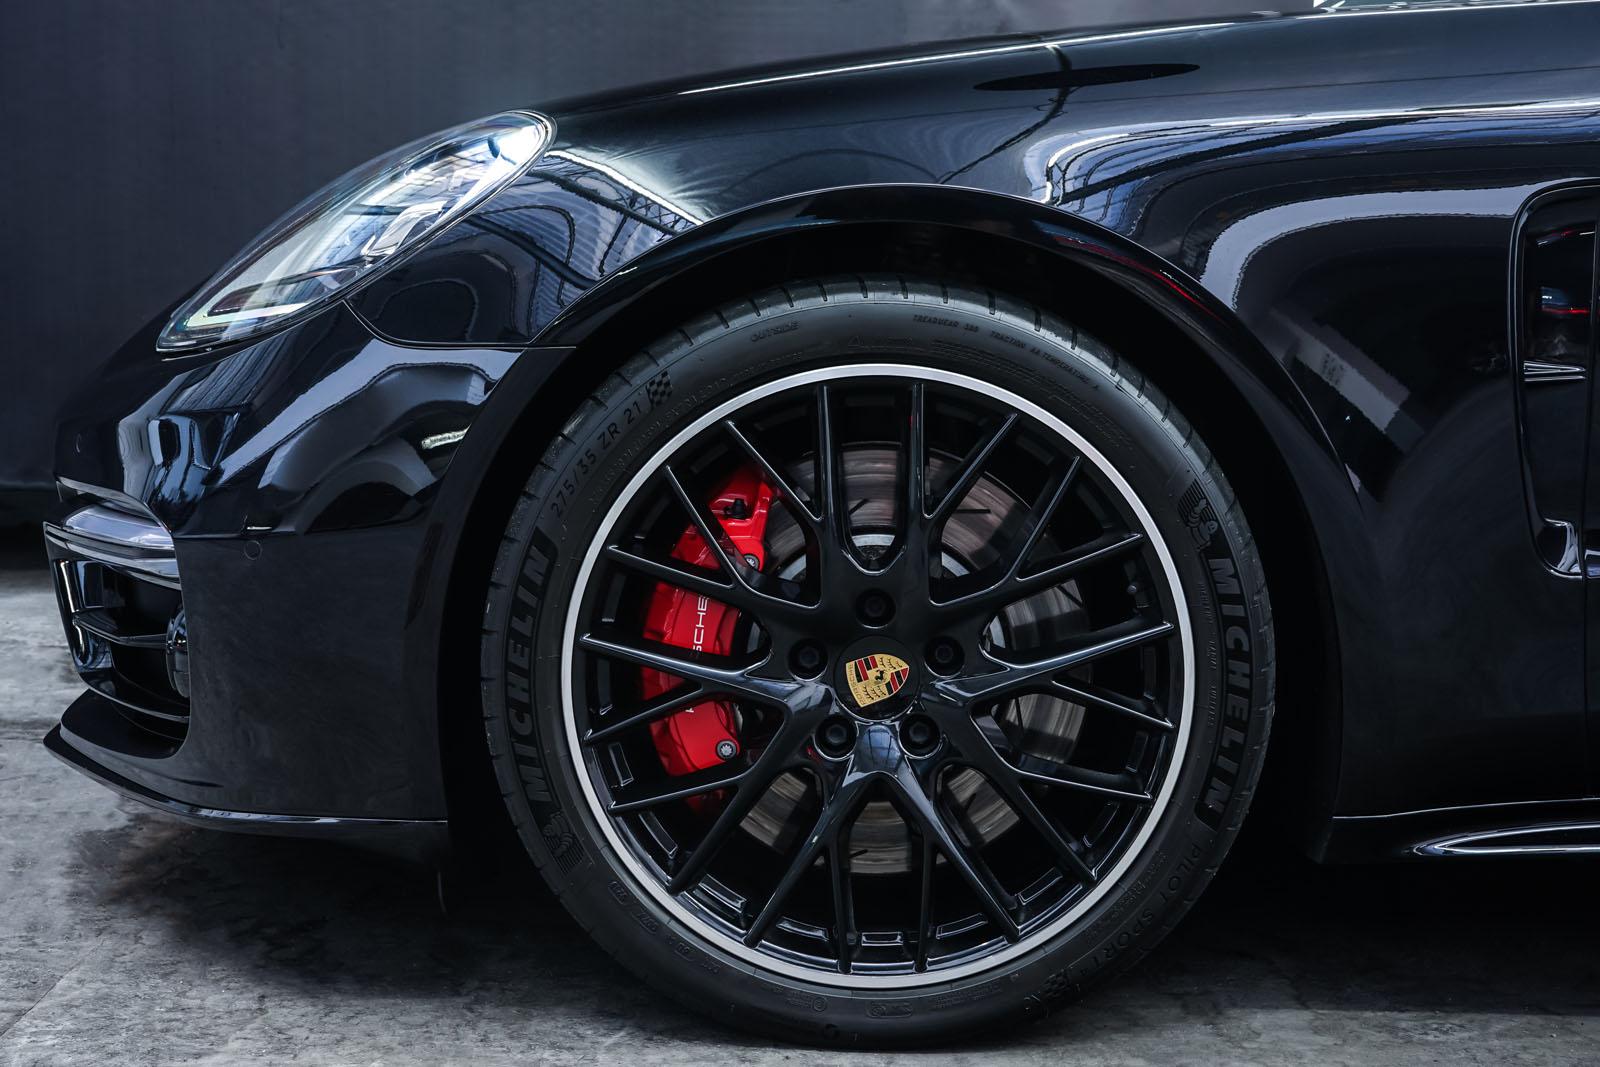 Porsche_Panamera_SportTurismo_Turbo_Schwarz_Schwarz_POR-5145_3_w